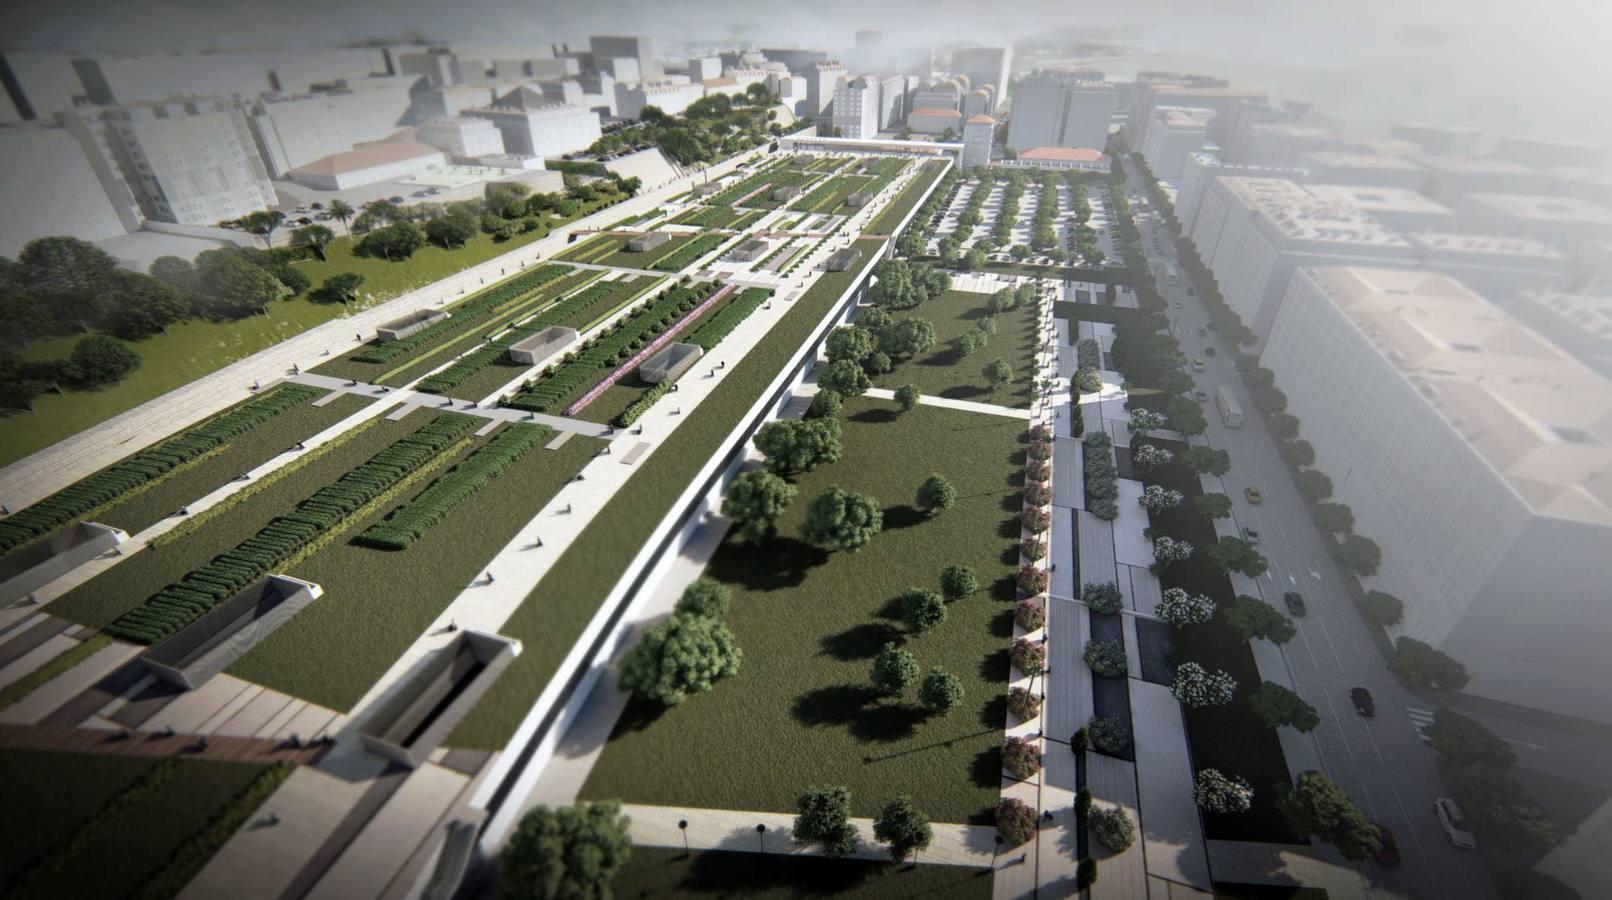 Deba y Concejo Abierto convocan actos a favor de un corredor verde en el espacio ferroviario de Santander